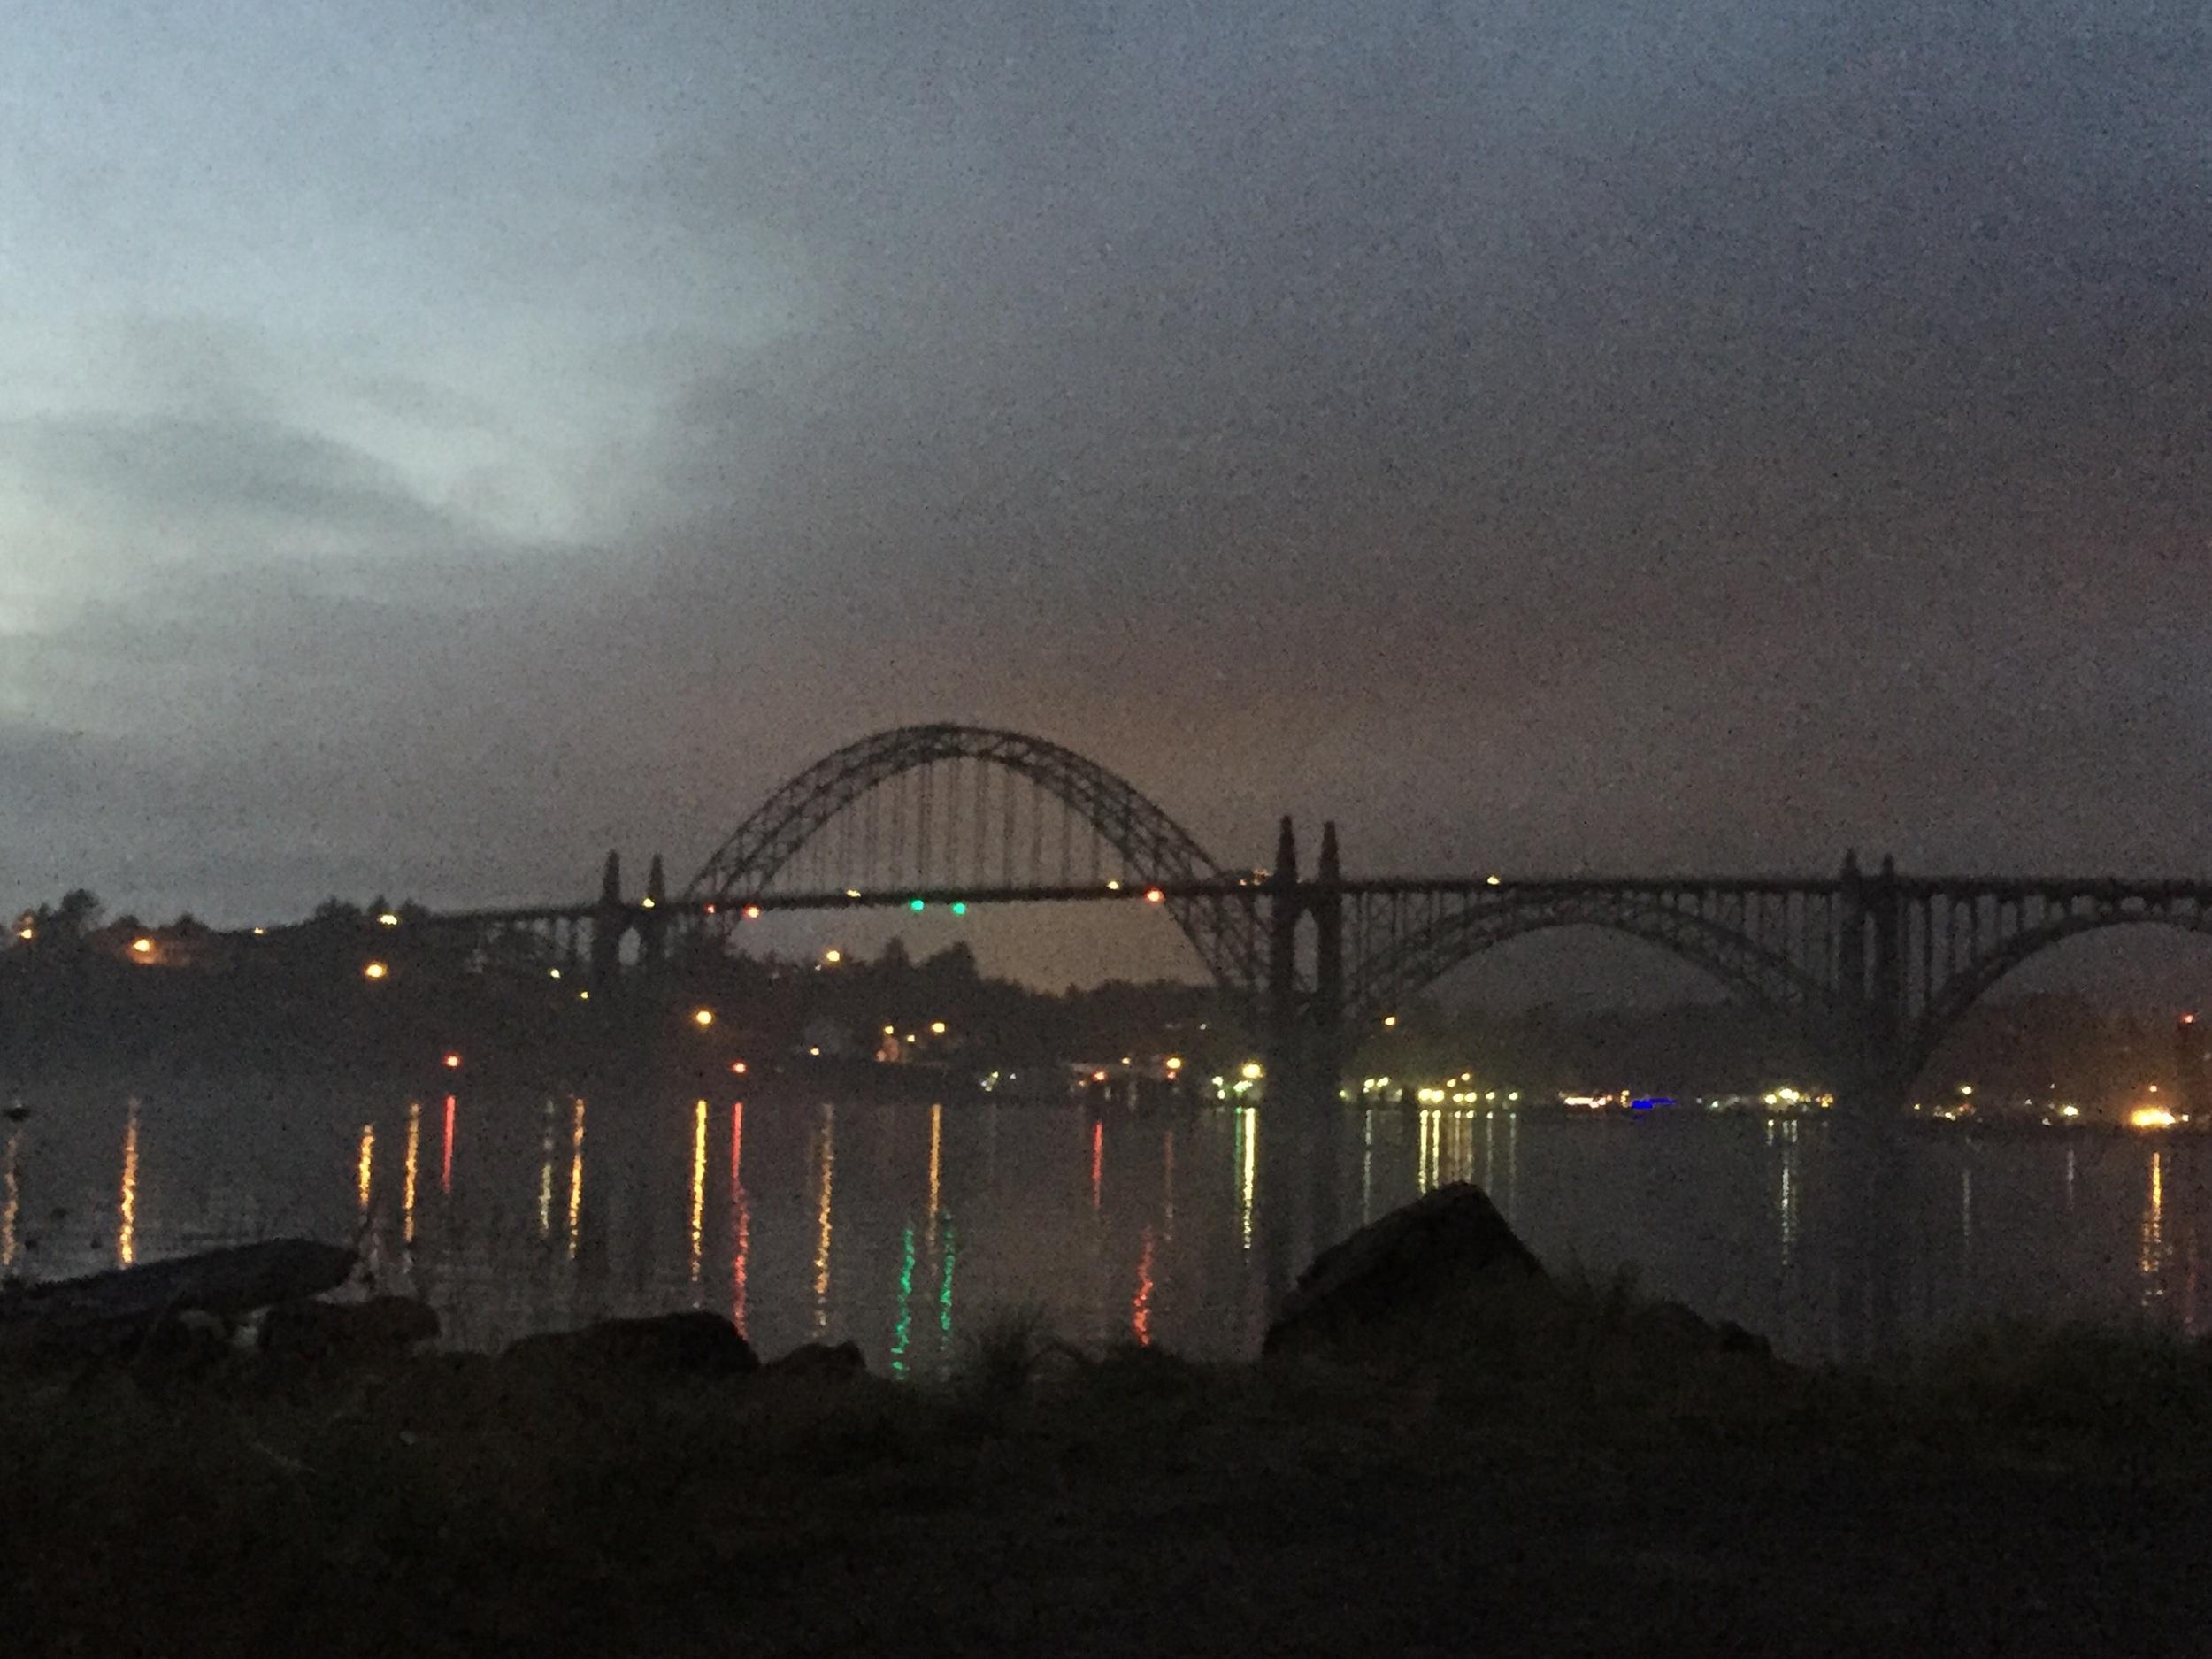 Newport Bay at night